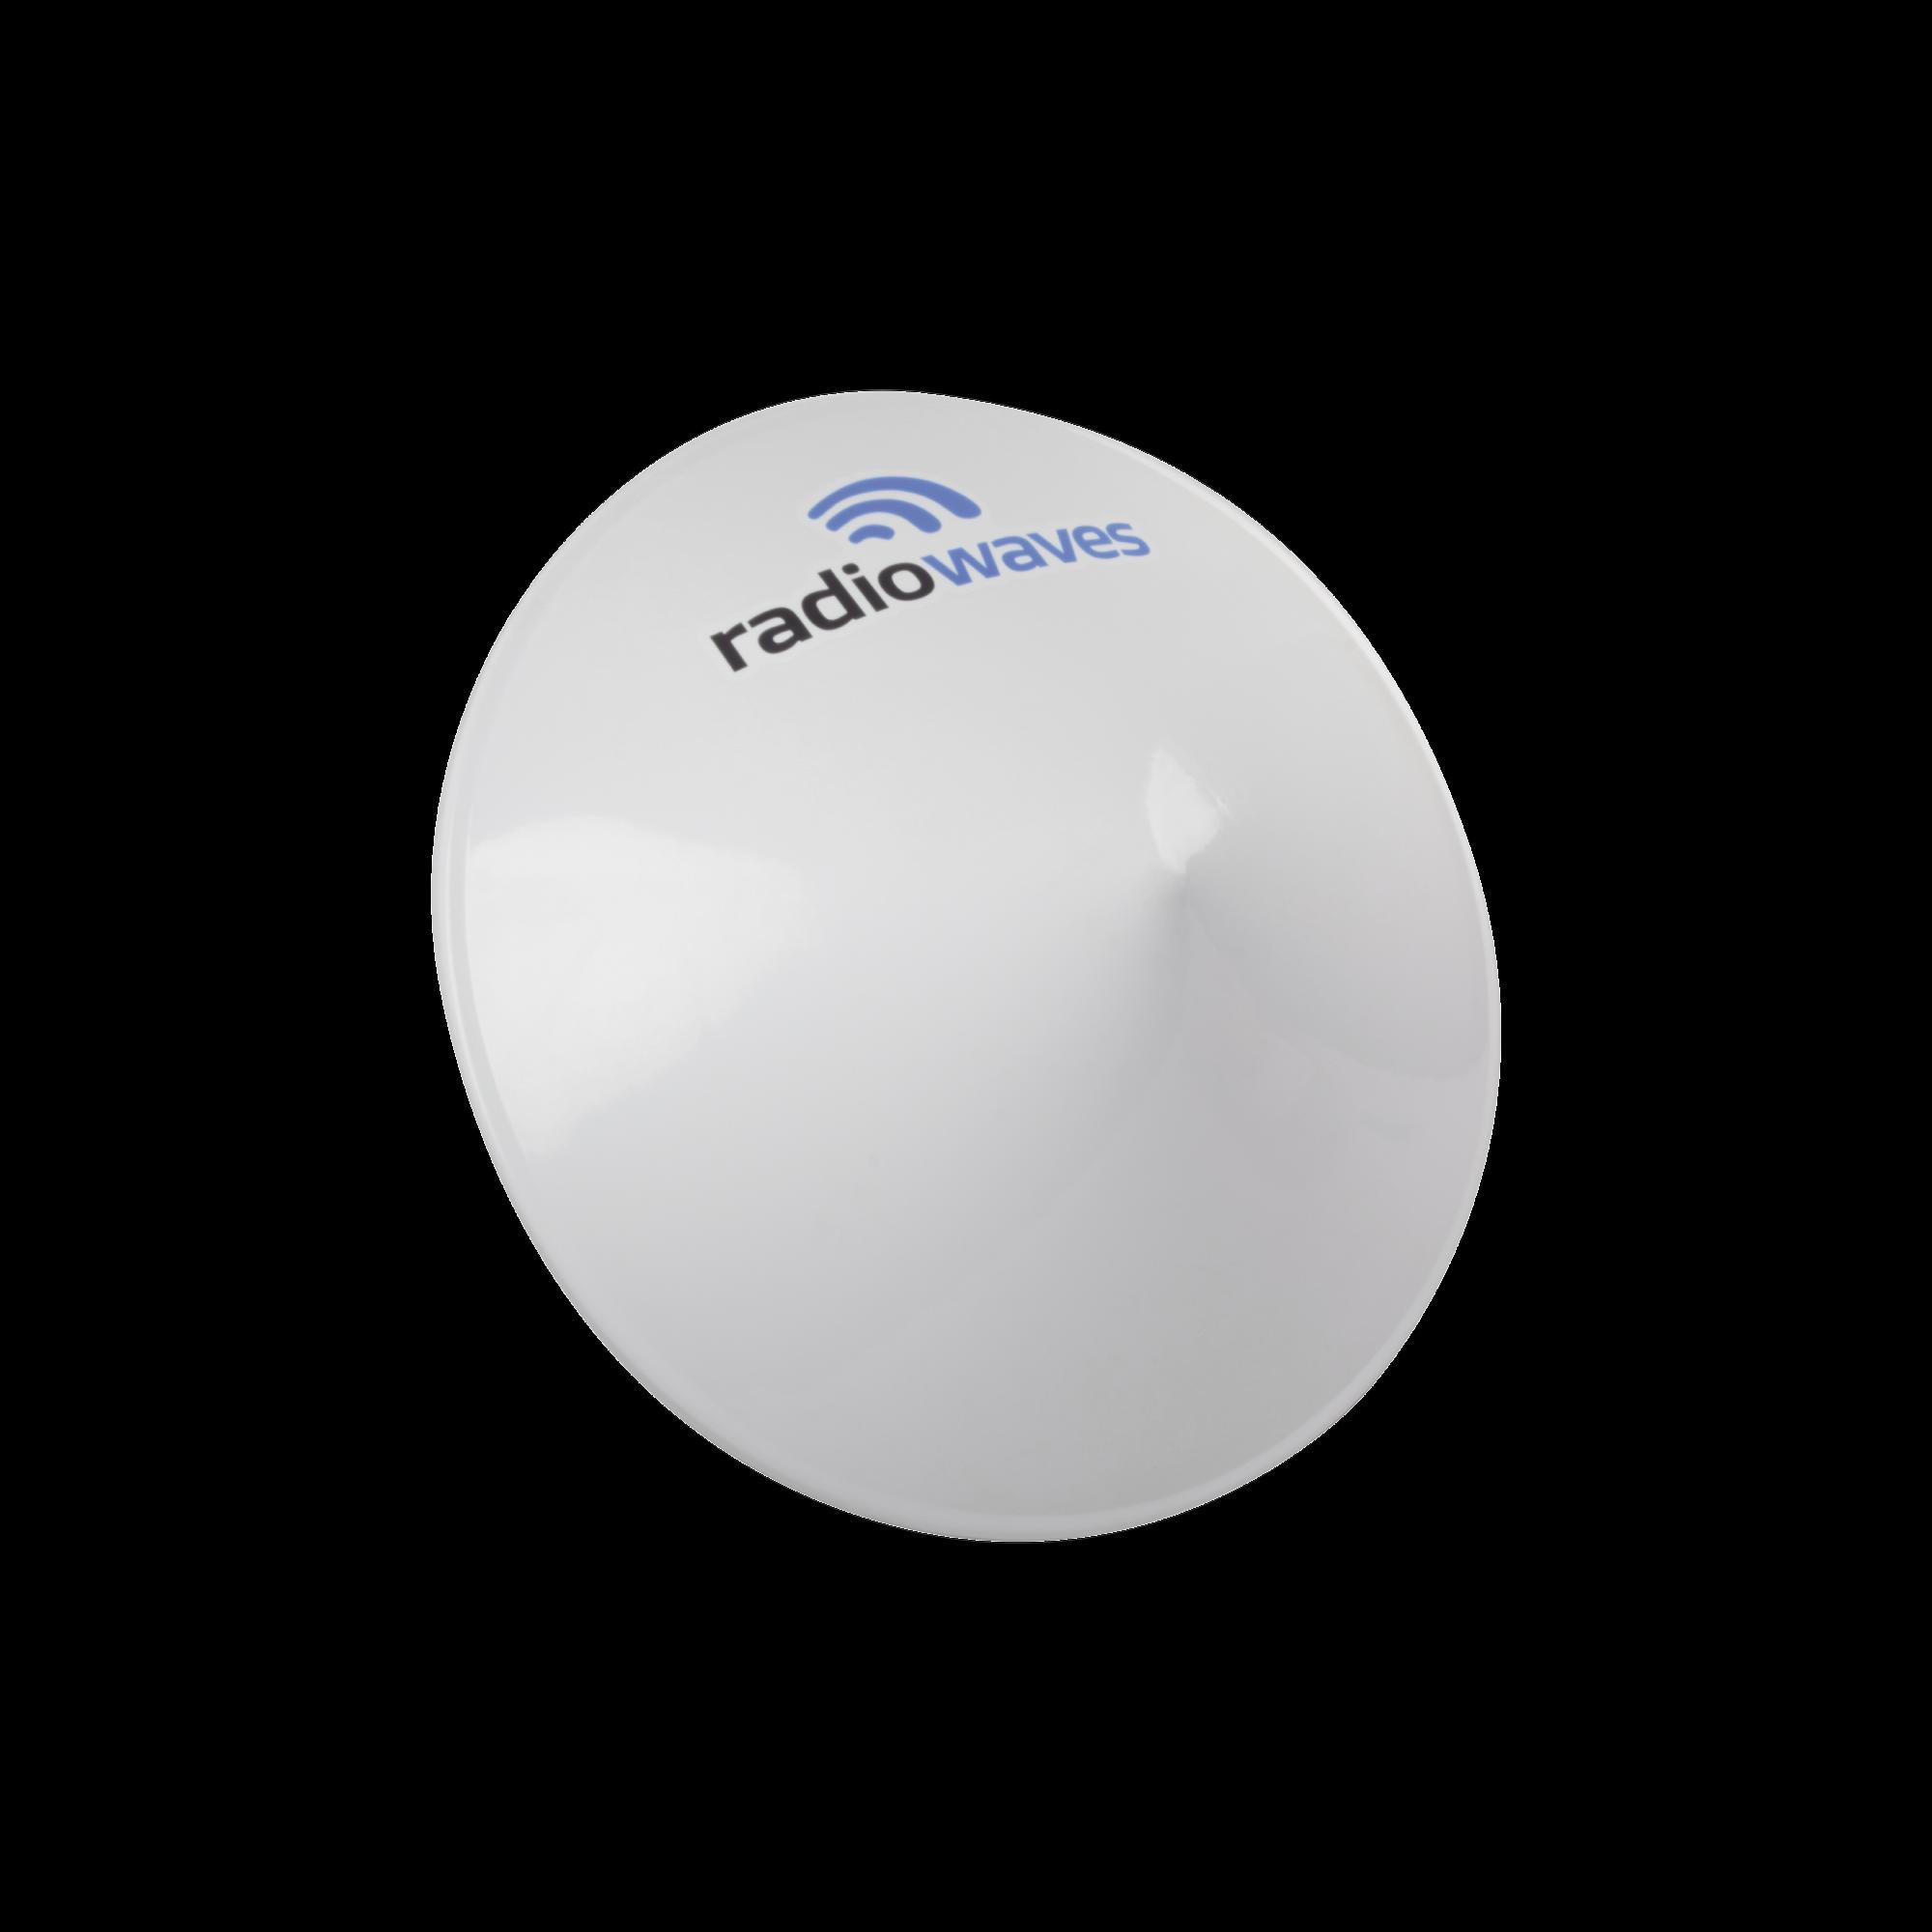 Radomo para antena SPD3-5.9NS, Dimensiones (3 ft), Reduce la carga de viento y mejora la estabilidad del enlace